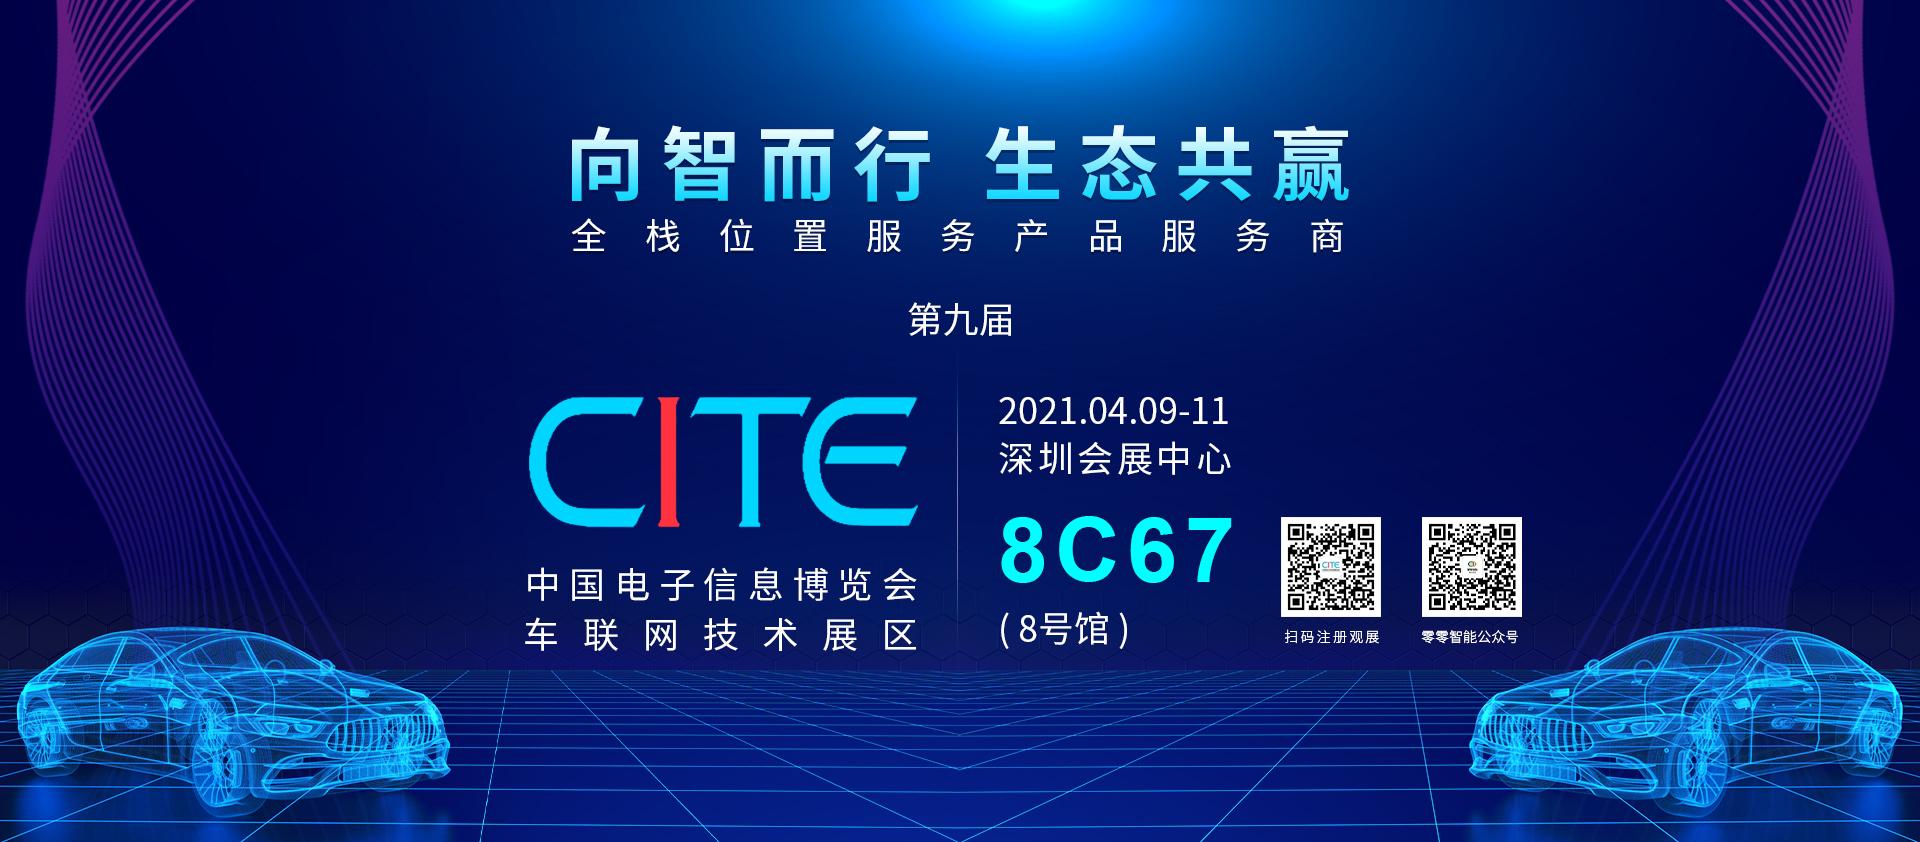 向智而行 生态共赢   零零智能诚邀您参加2021 CITE中国电子信息博览会